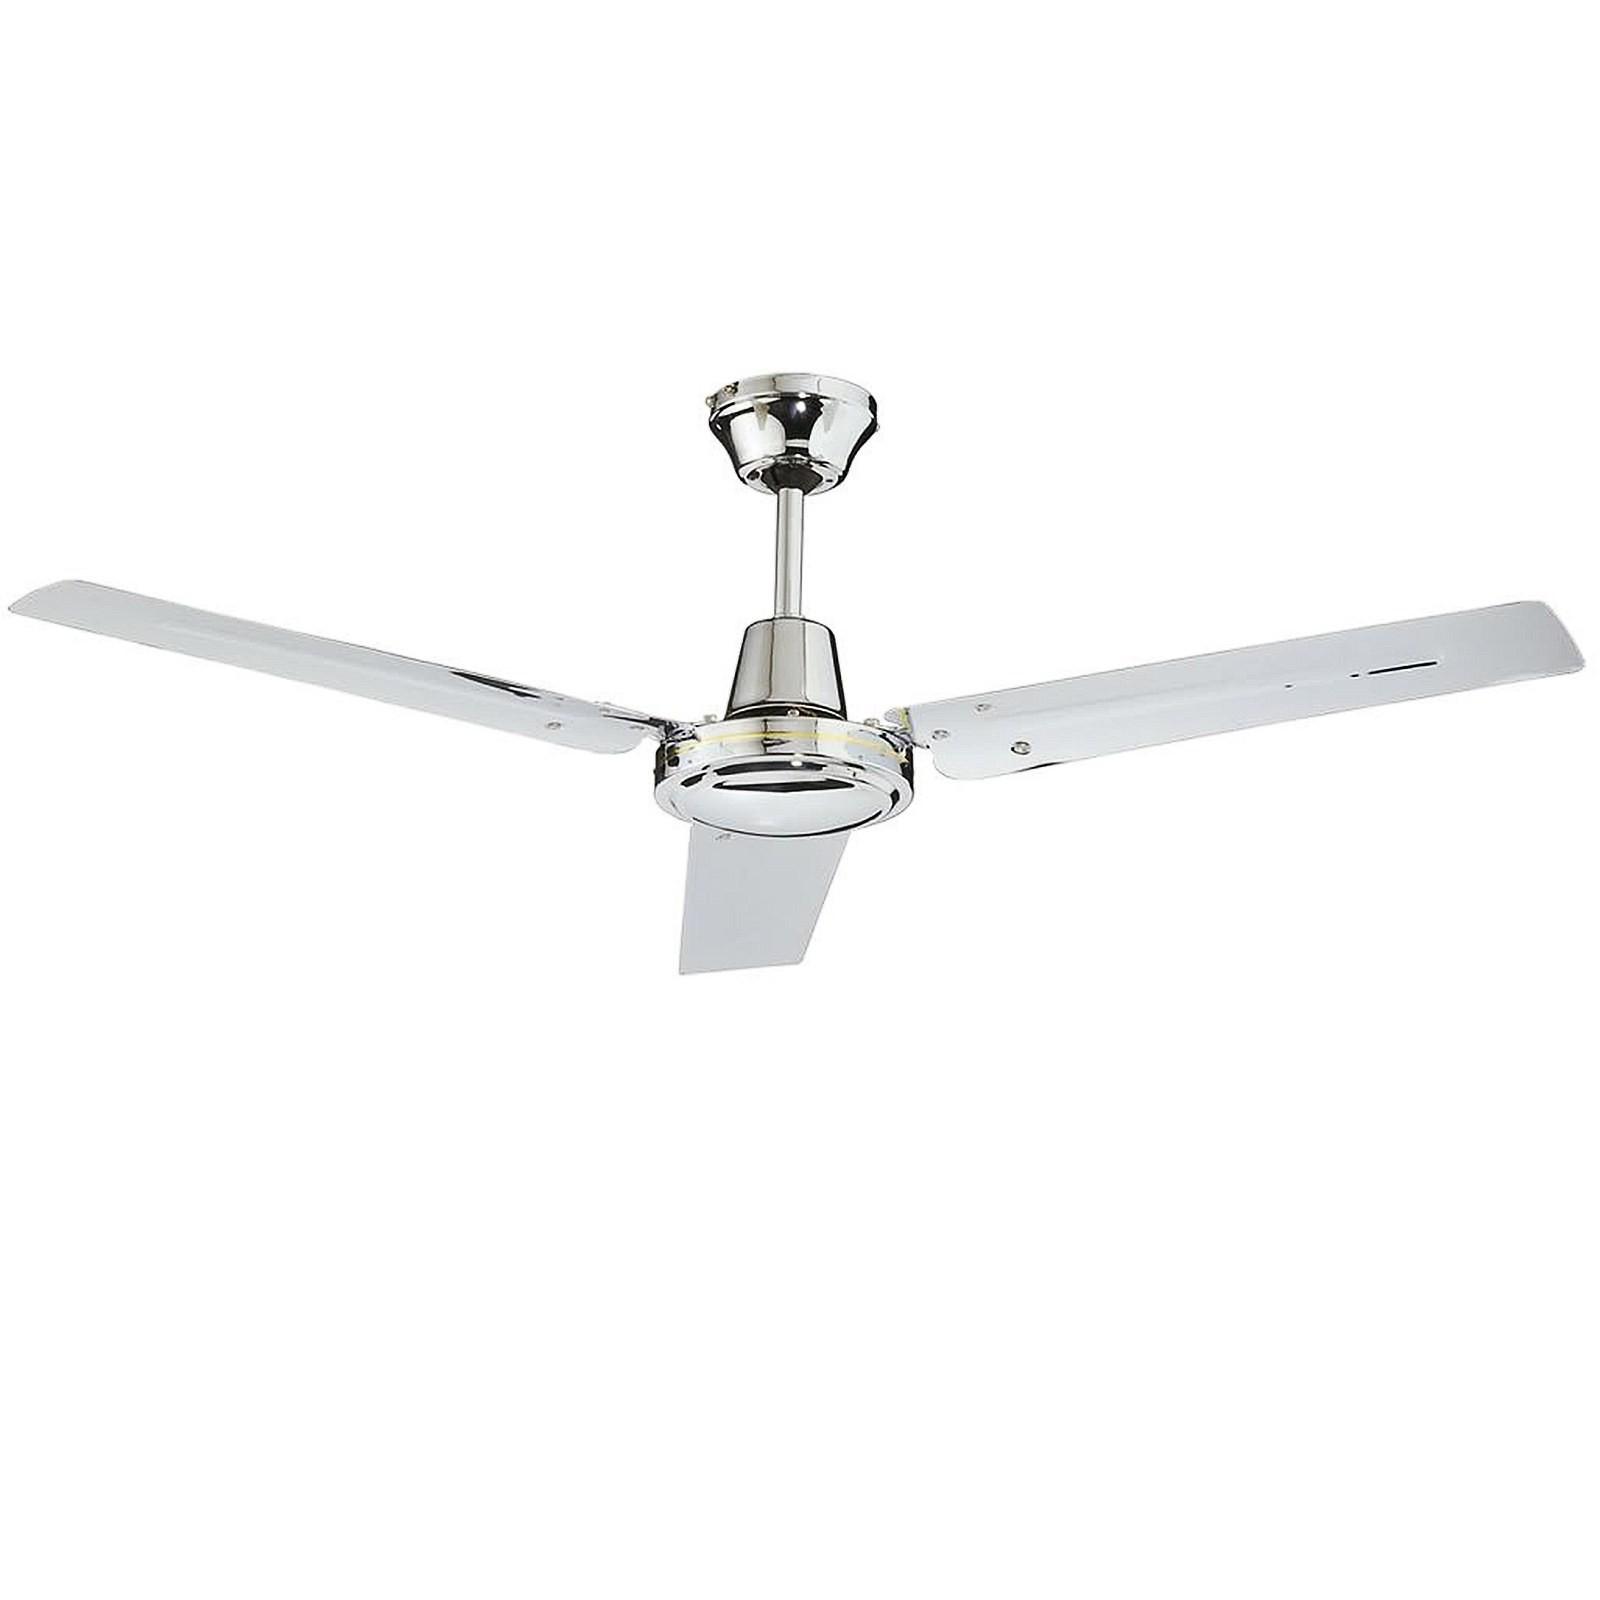 Ventilatore da parete soffitto telecomando luce lampada for Ventilatore a pale da soffitto silenzioso